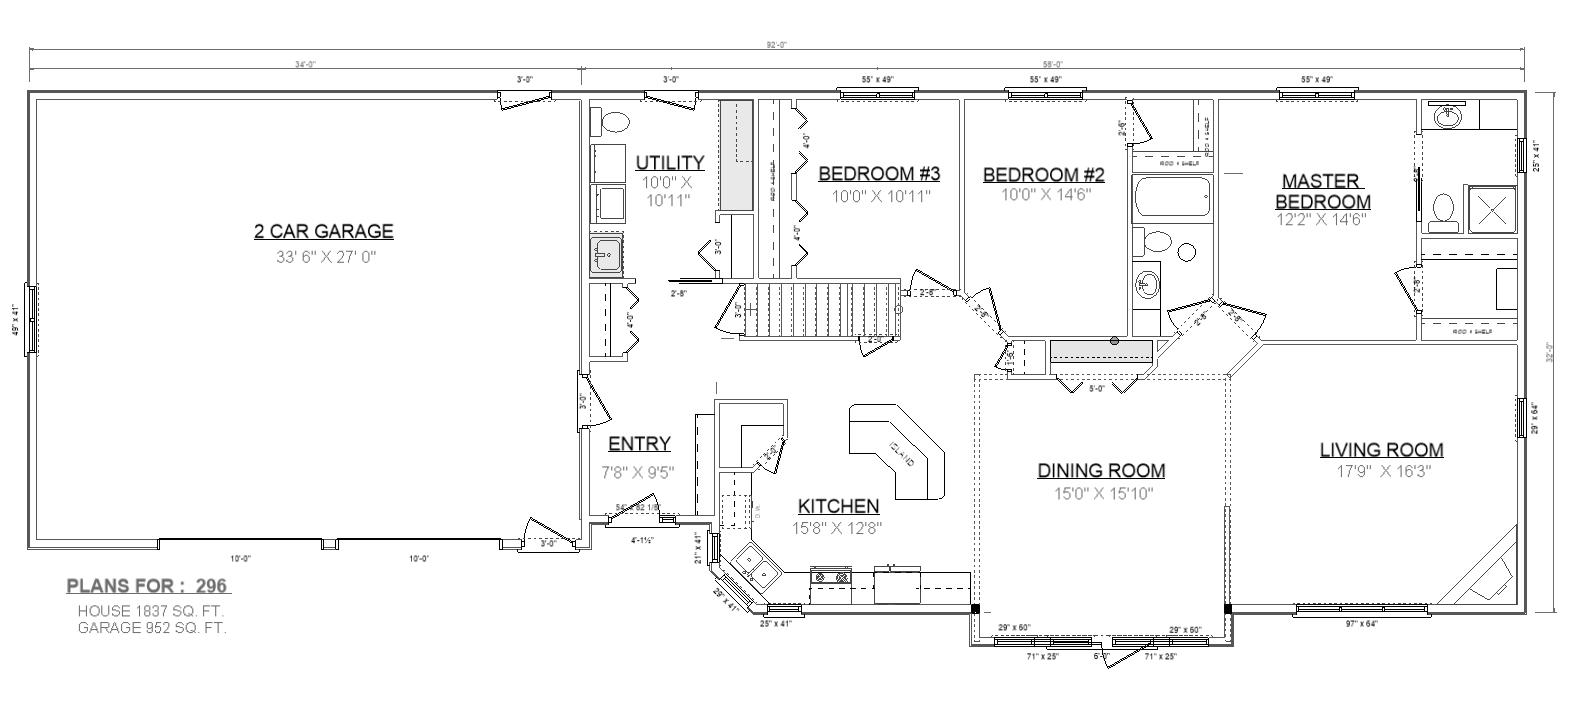 Penner homes floor plan id 296